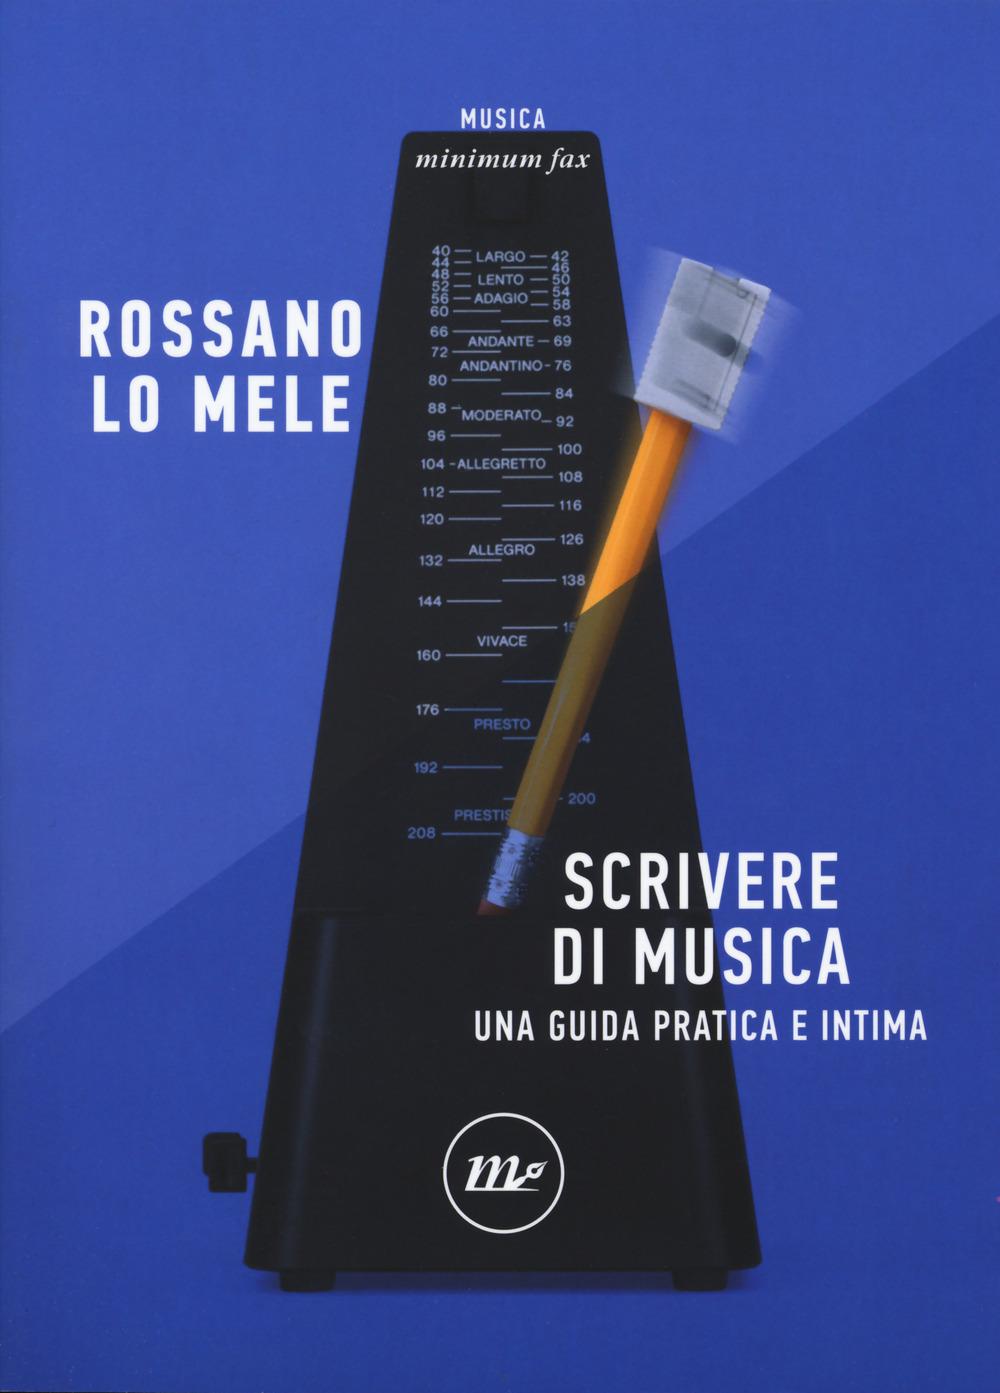 SCRIVERE DI MUSICA. UNA GUIDA PRATICA E INTIMA - Lo Mele Rossano - 9788833891255